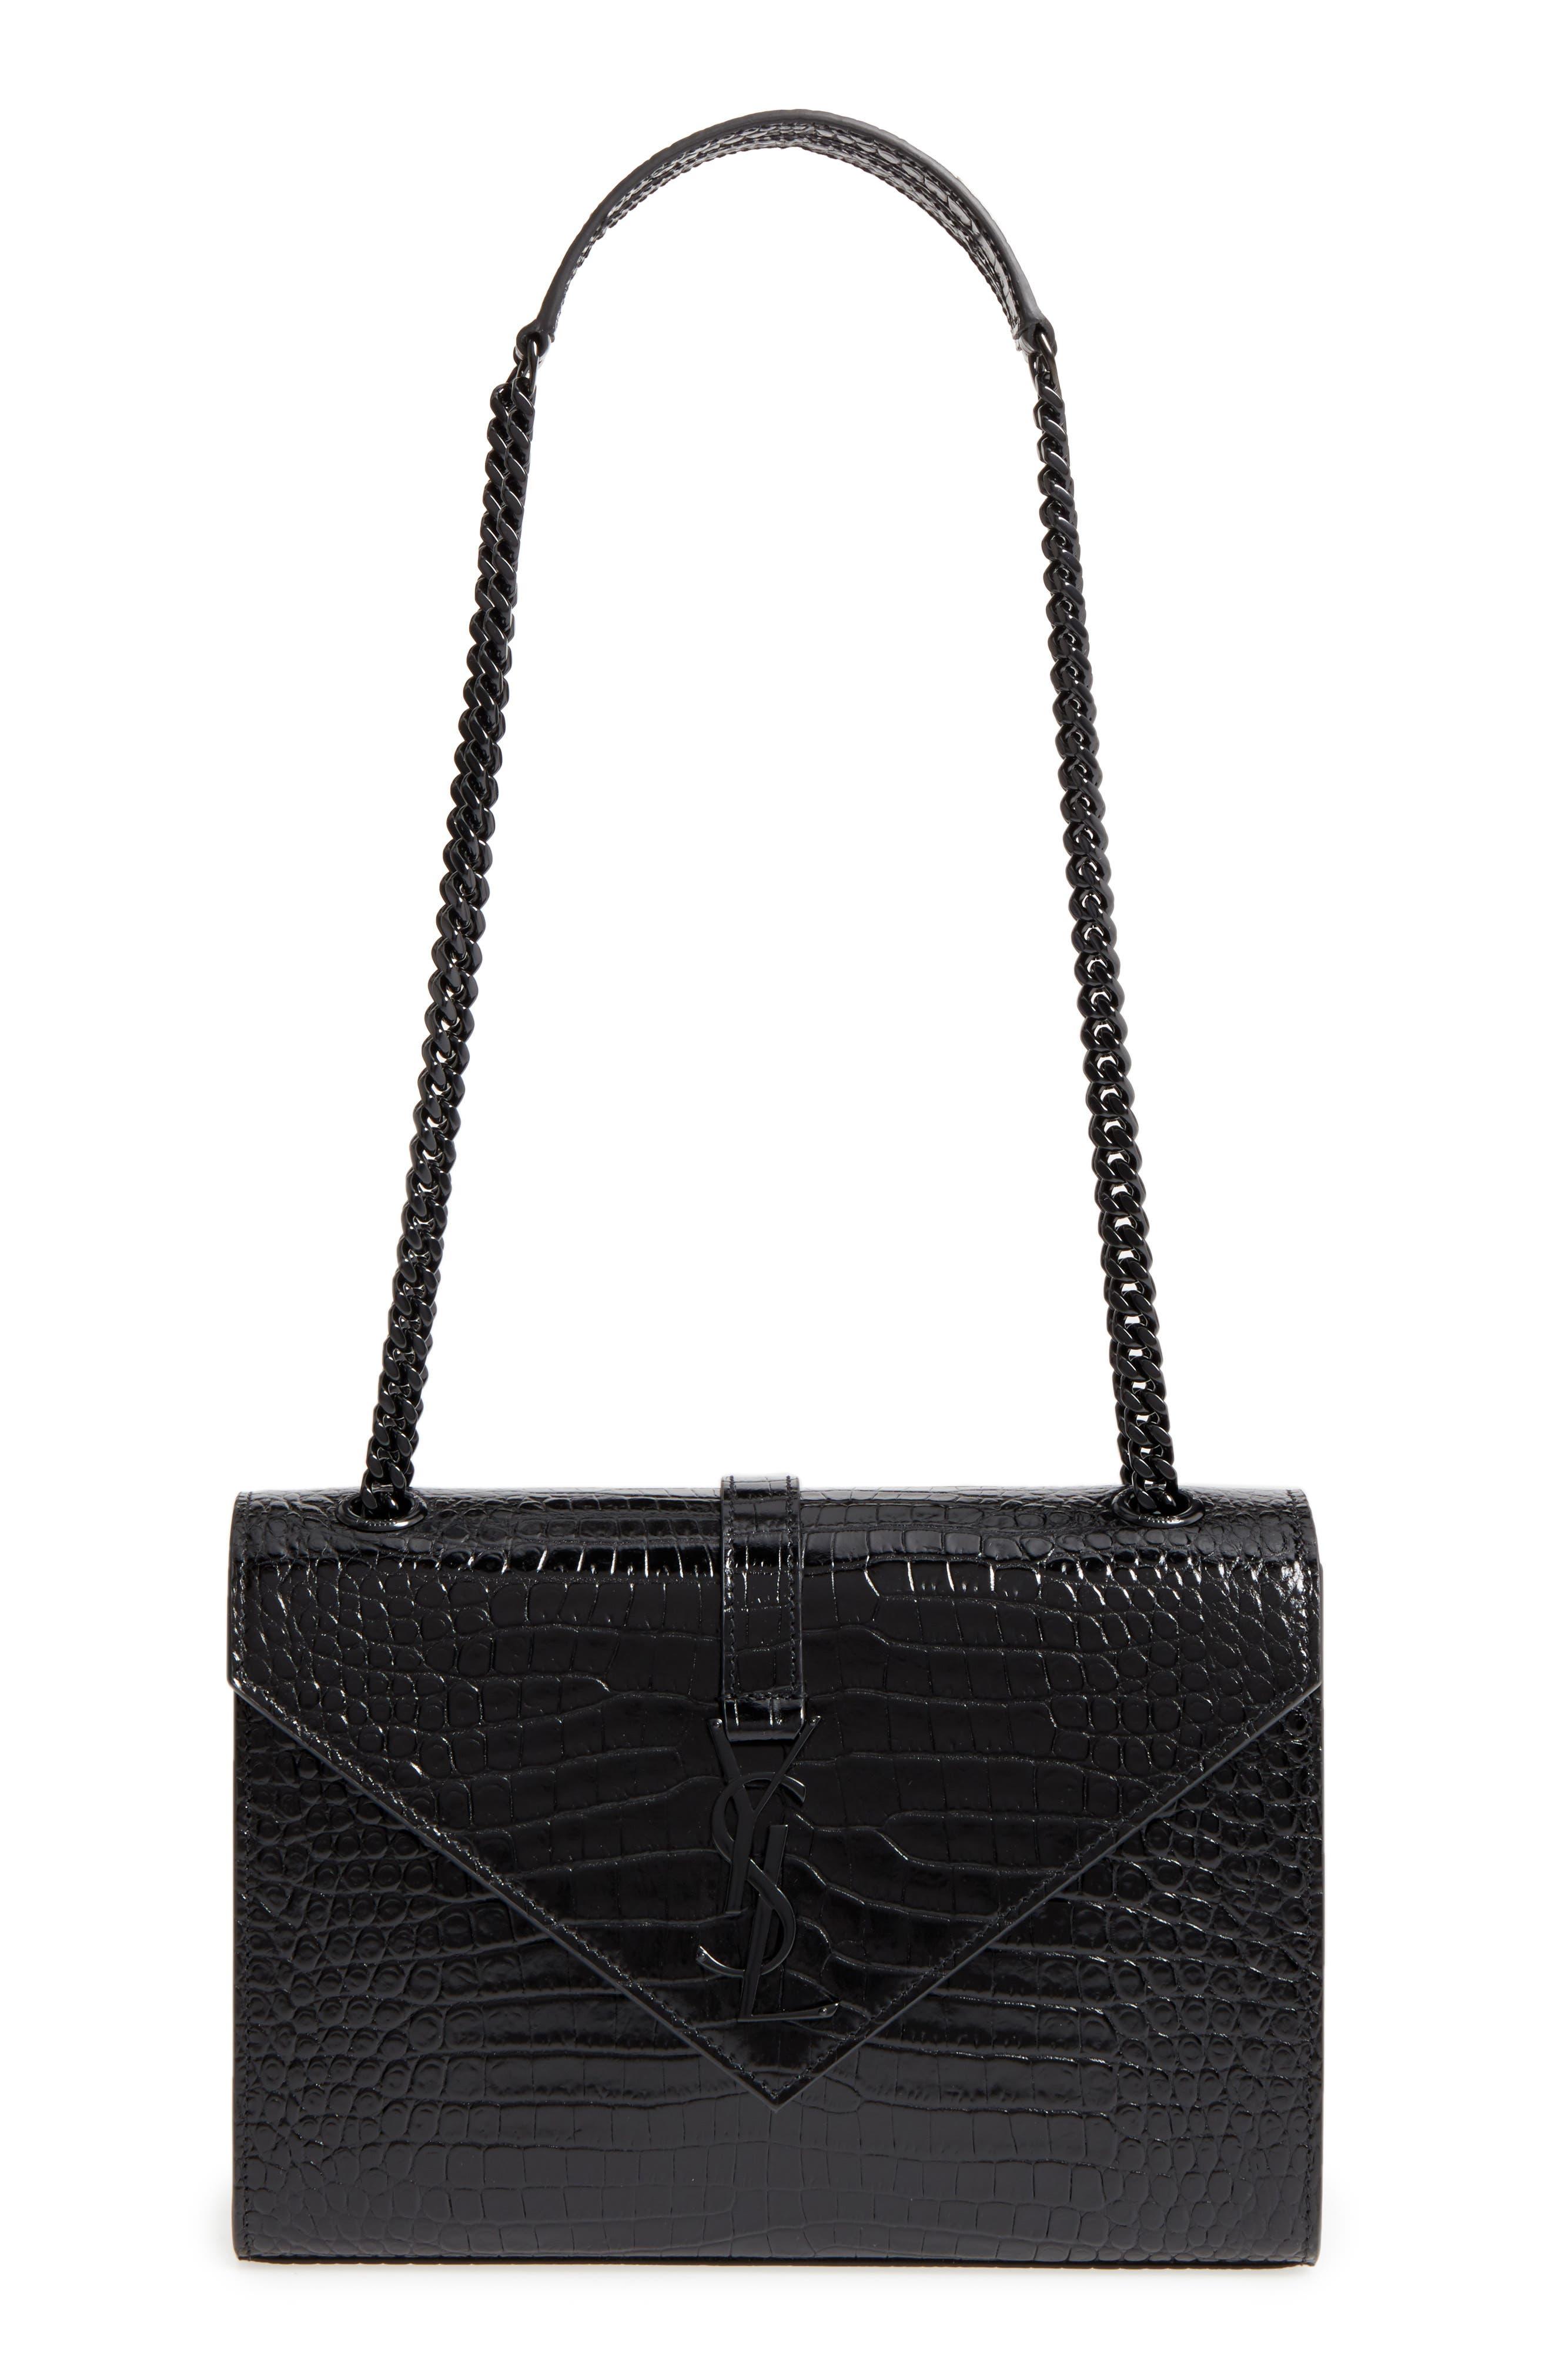 Medium Croc-Embossed Calfskin Shoulder Bag,                             Main thumbnail 1, color,                             001